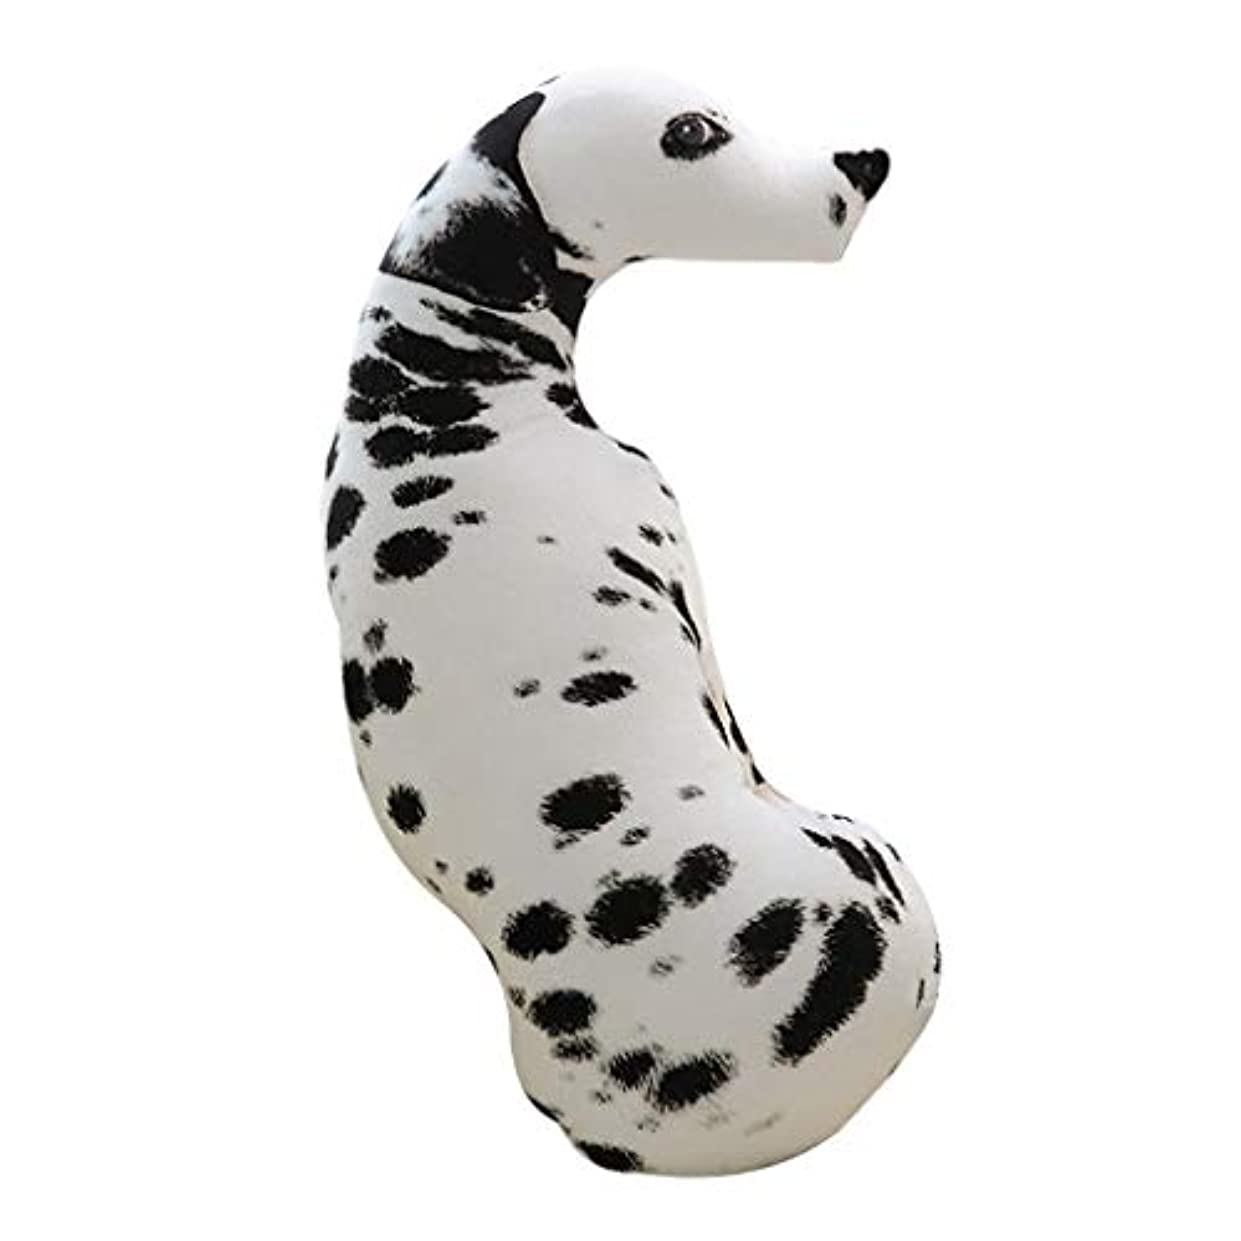 ナンセンス高架ポスターLIFE 装飾クッションソファおかしい 3D 犬印刷スロー枕創造クッションかわいいぬいぐるみギフト家の装飾 coussin decoratif クッション 椅子